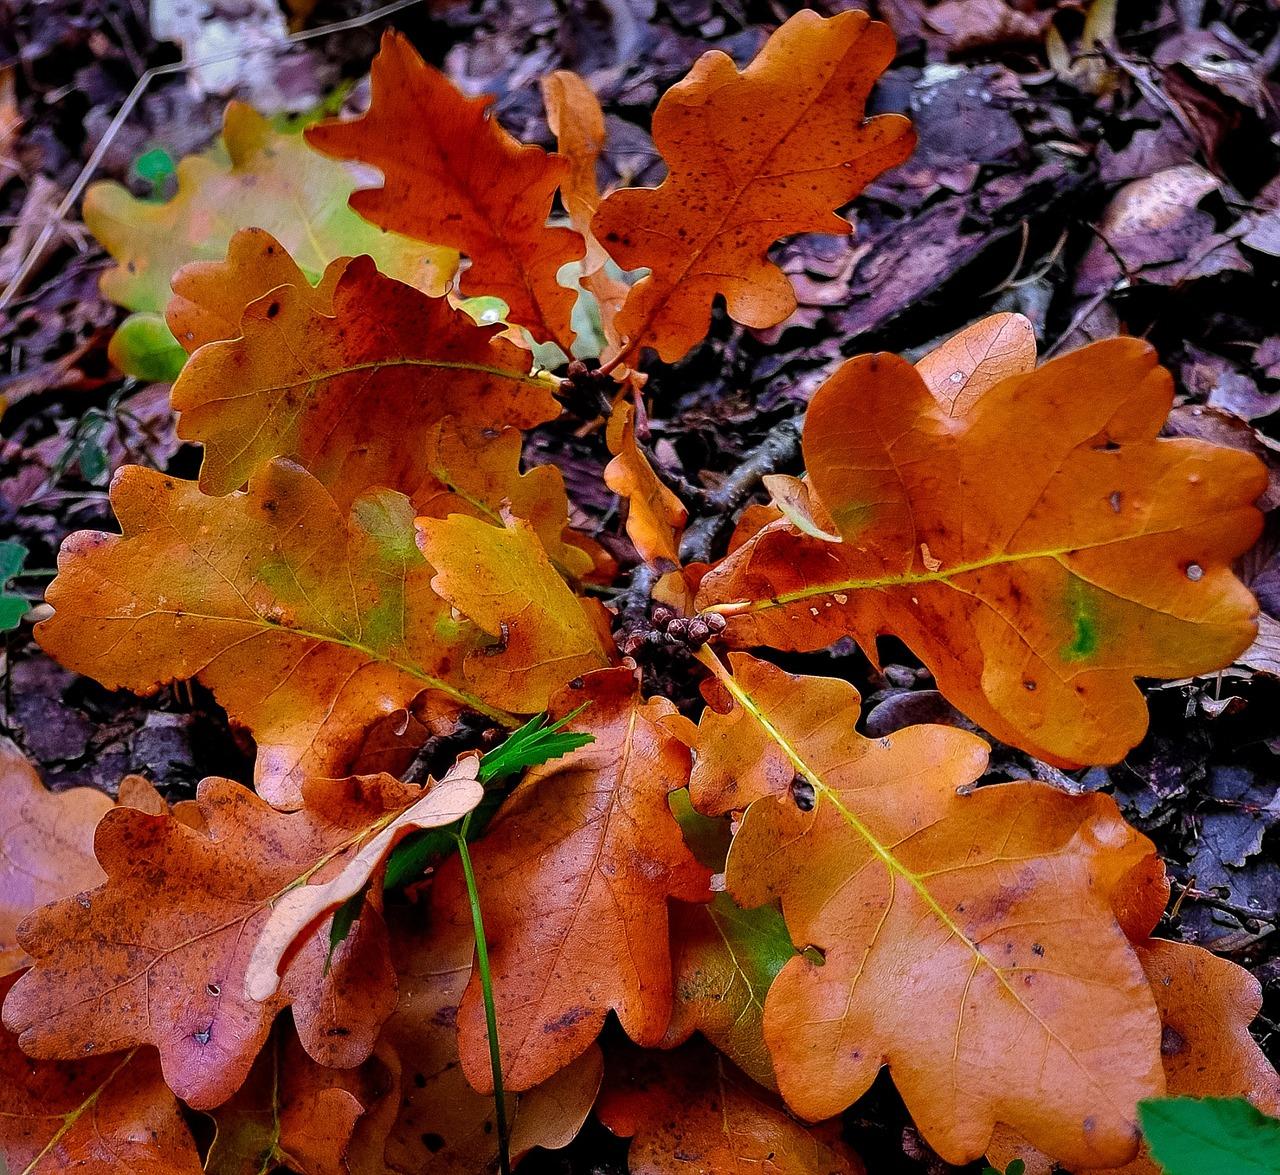 личных блогах какого цвета листья дуба летом фото умело подчеркивает